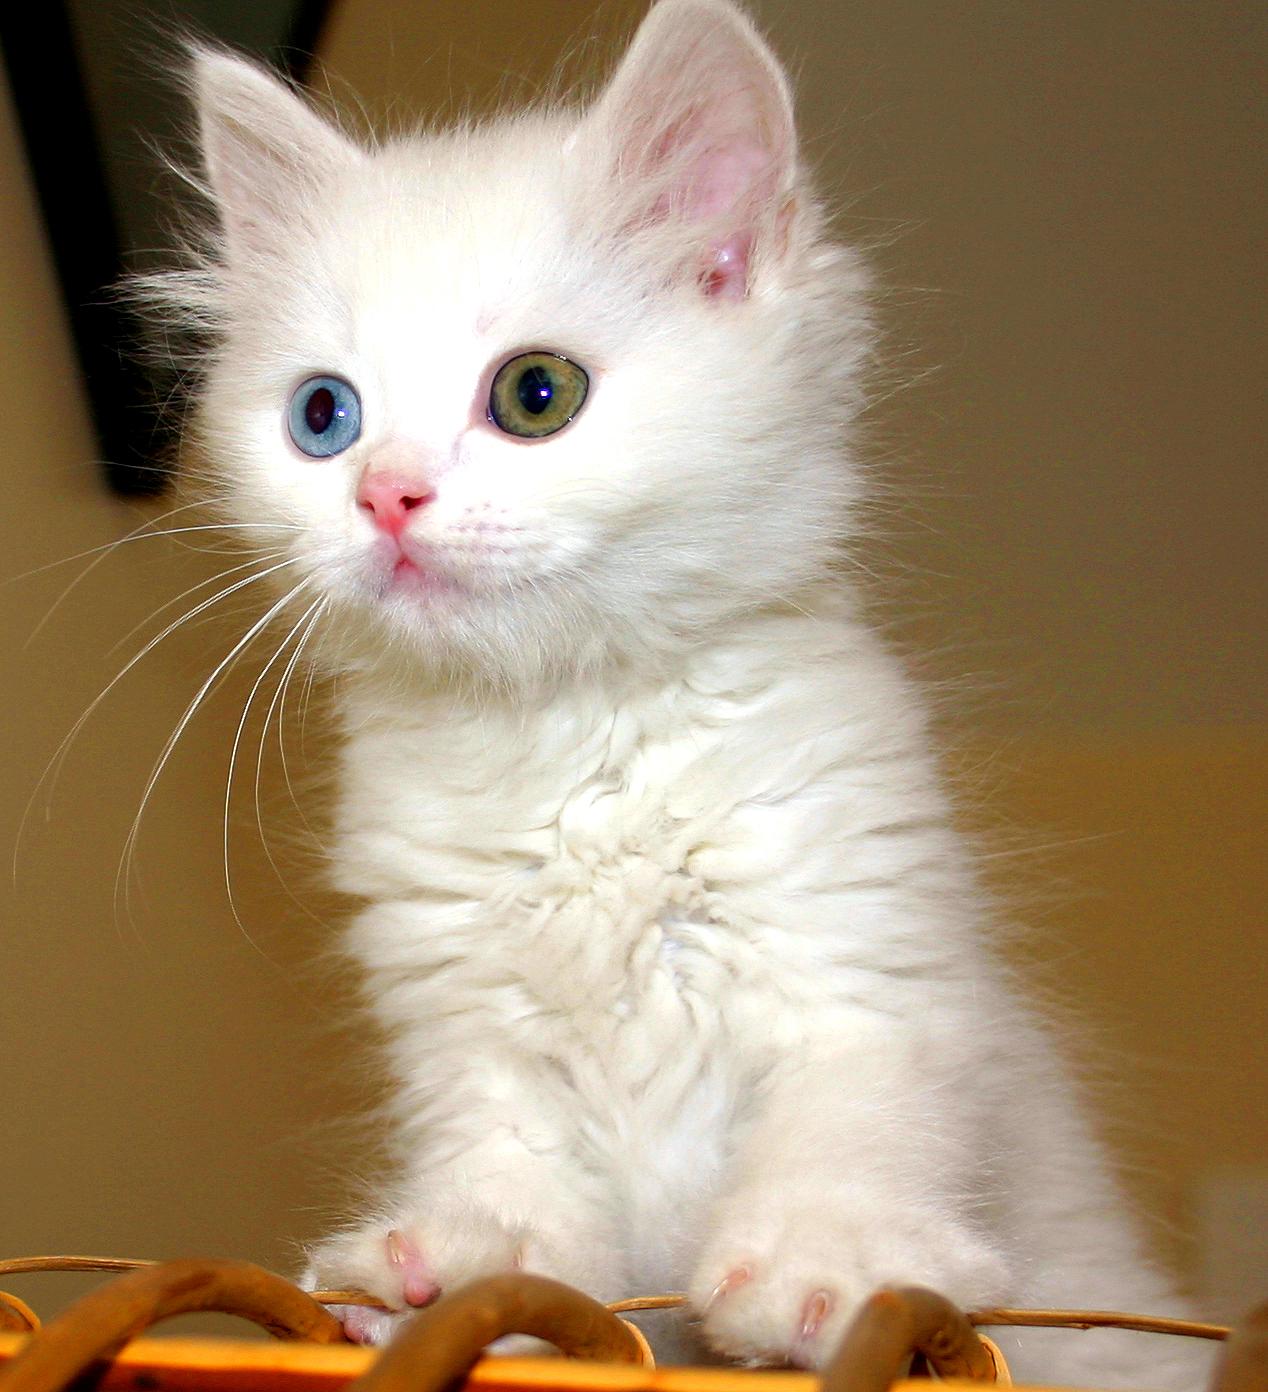 6fdf73a439 Van cat - Wikipedia